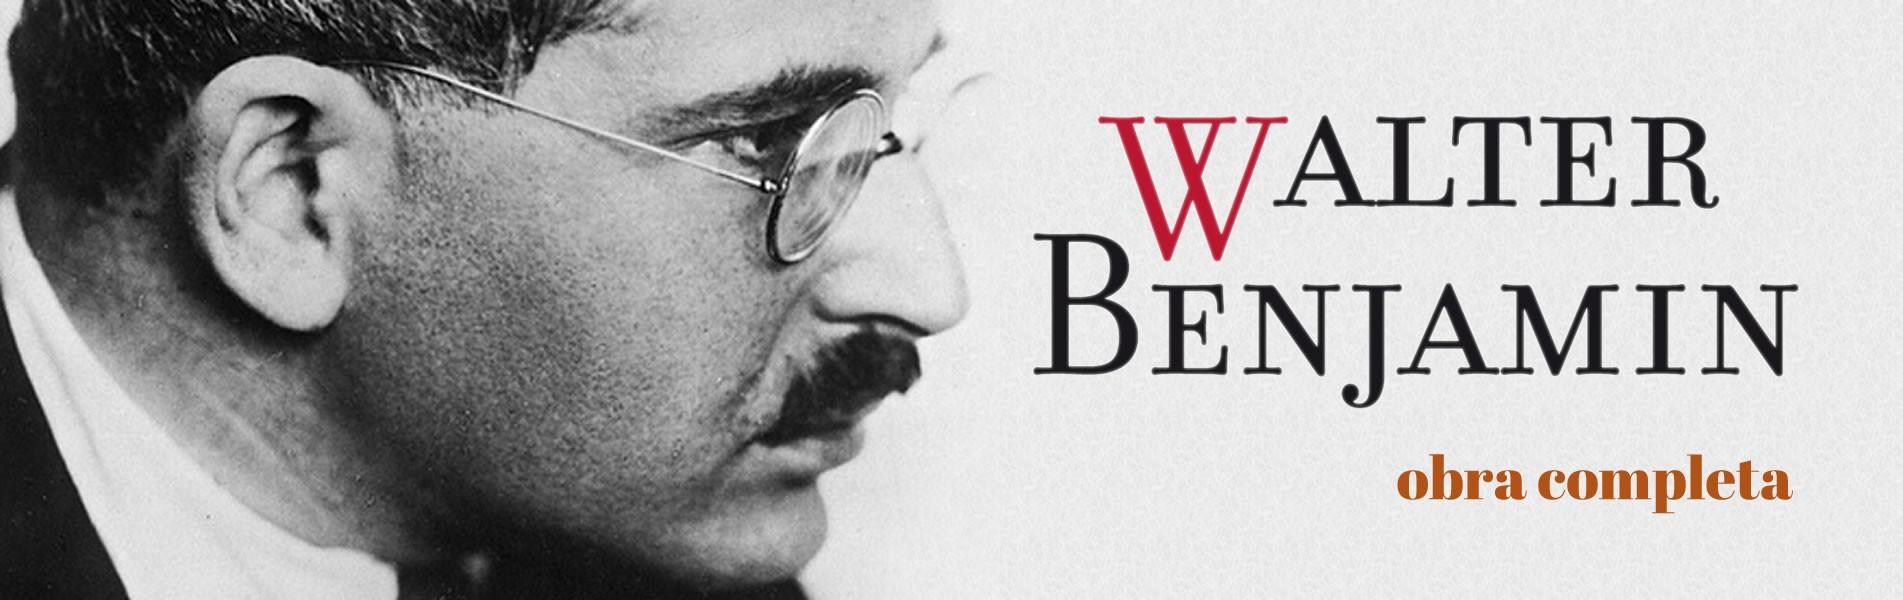 obras completas Walter Benjamin